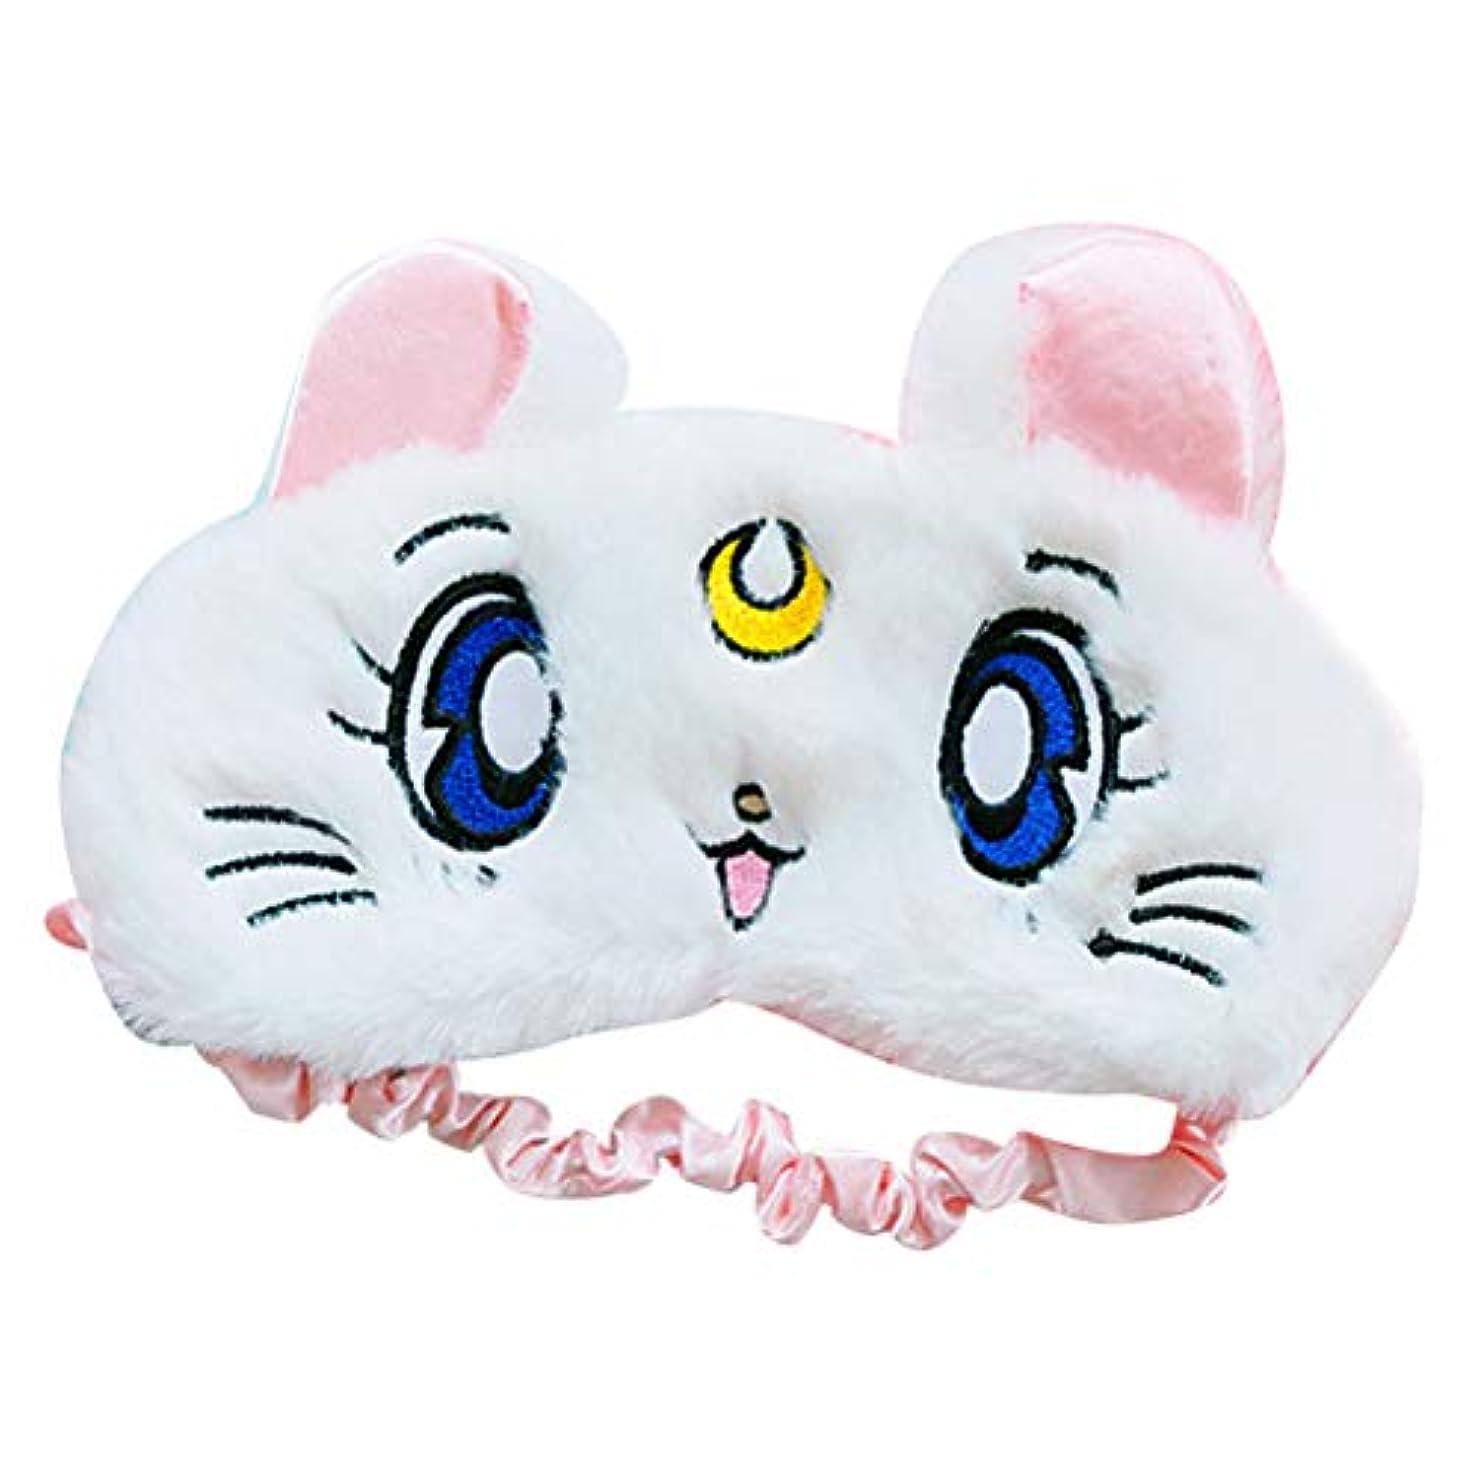 ガスきれいにチーズBSMEAN 猫の目マスクソフトぬいぐるみ睡眠通気性フード内蔵アイスパック漫画アイマスク、白